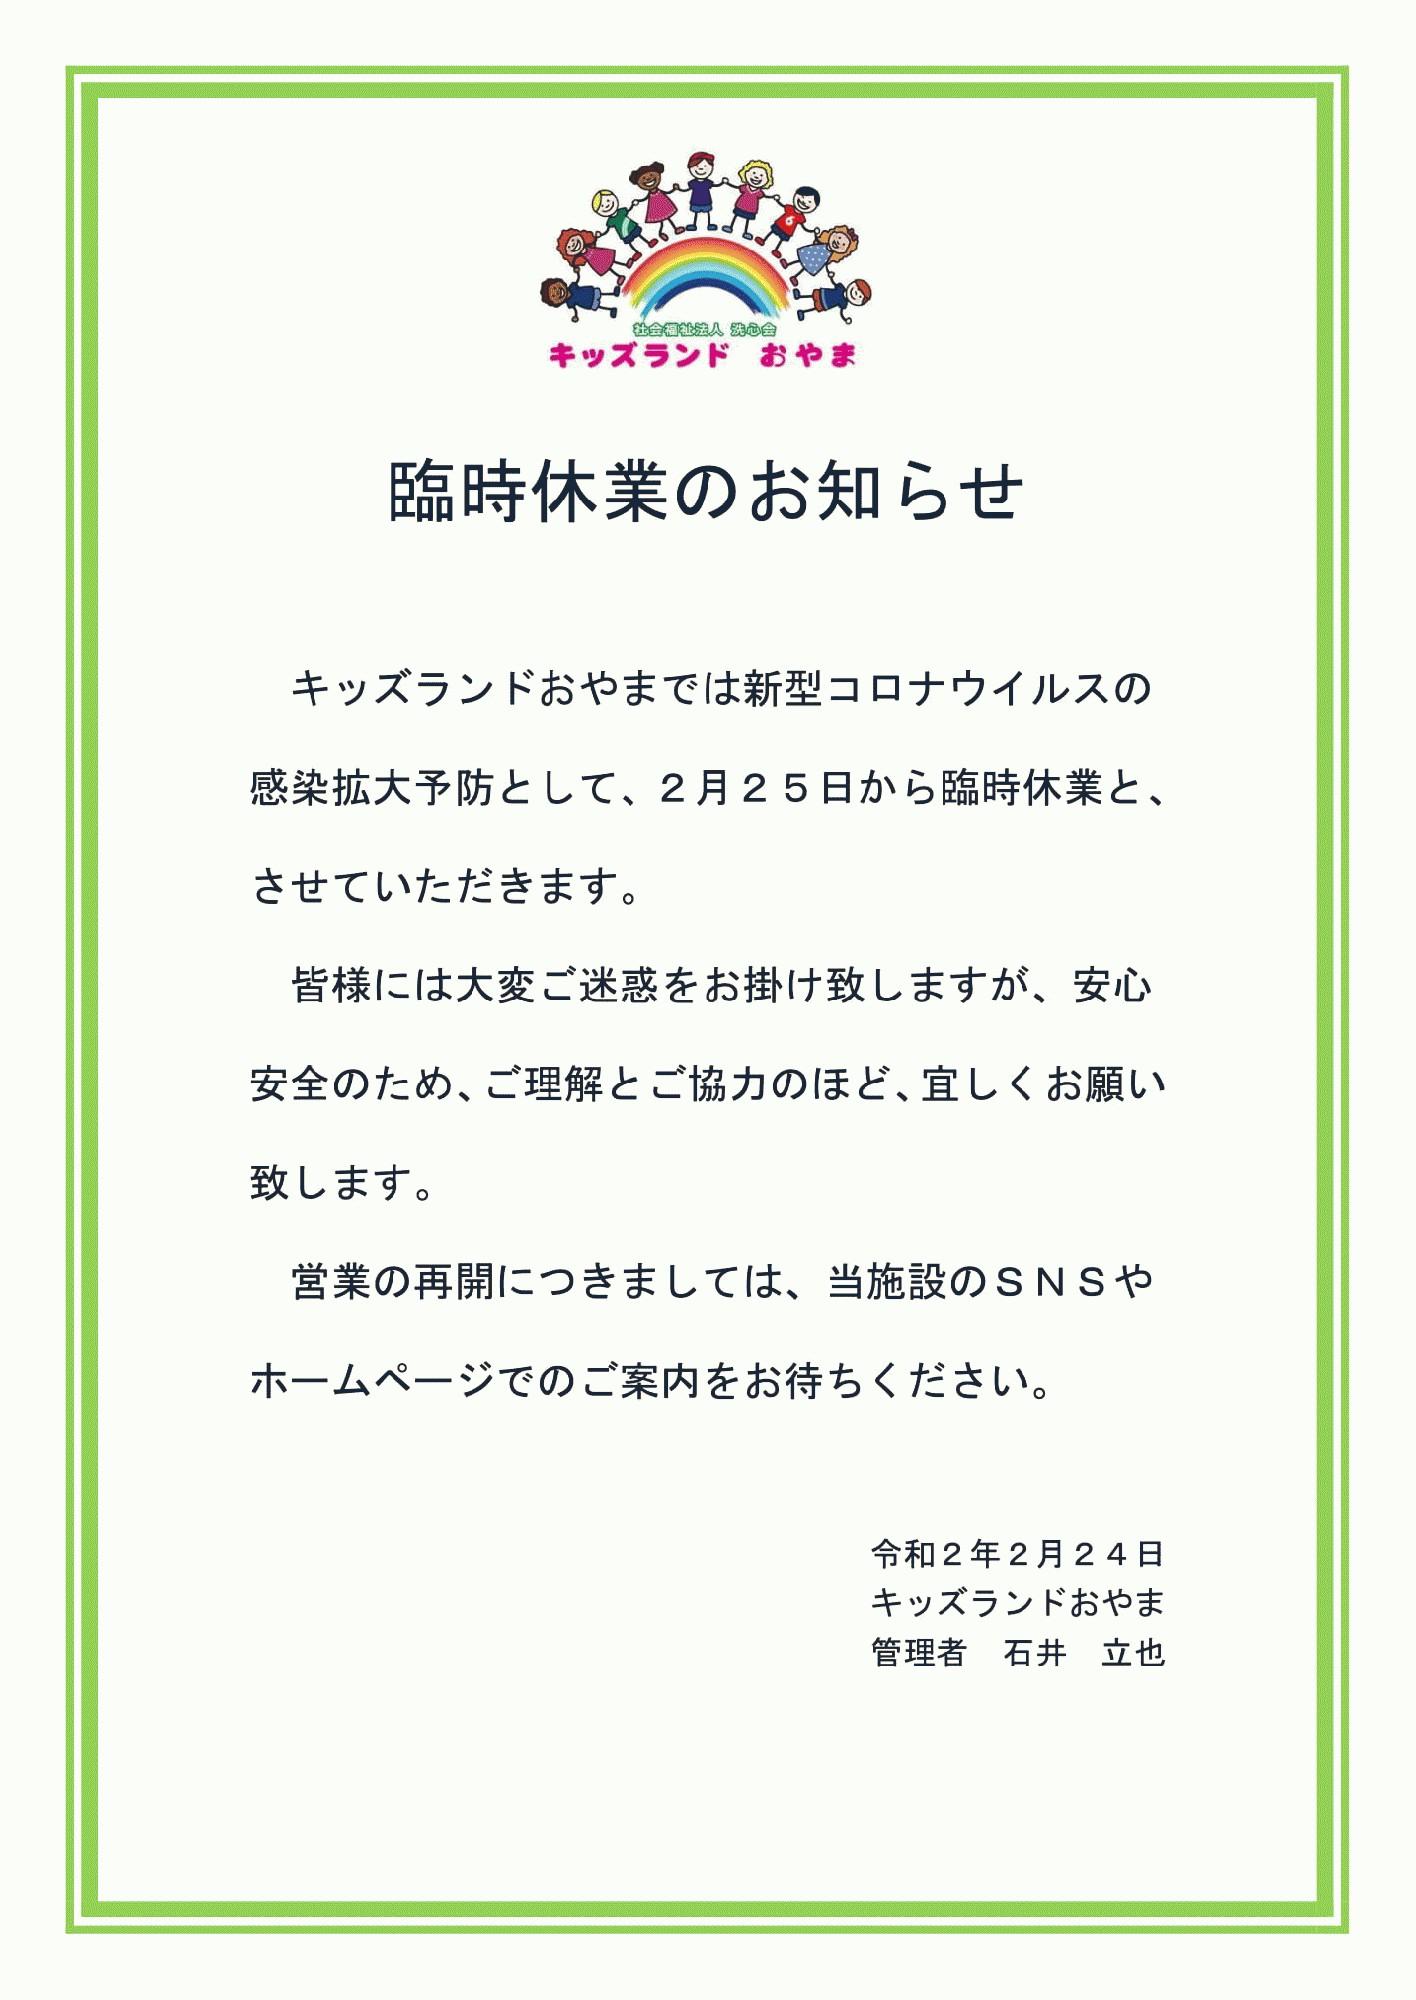 キッズランド 『臨時休業のお知らせ』!!